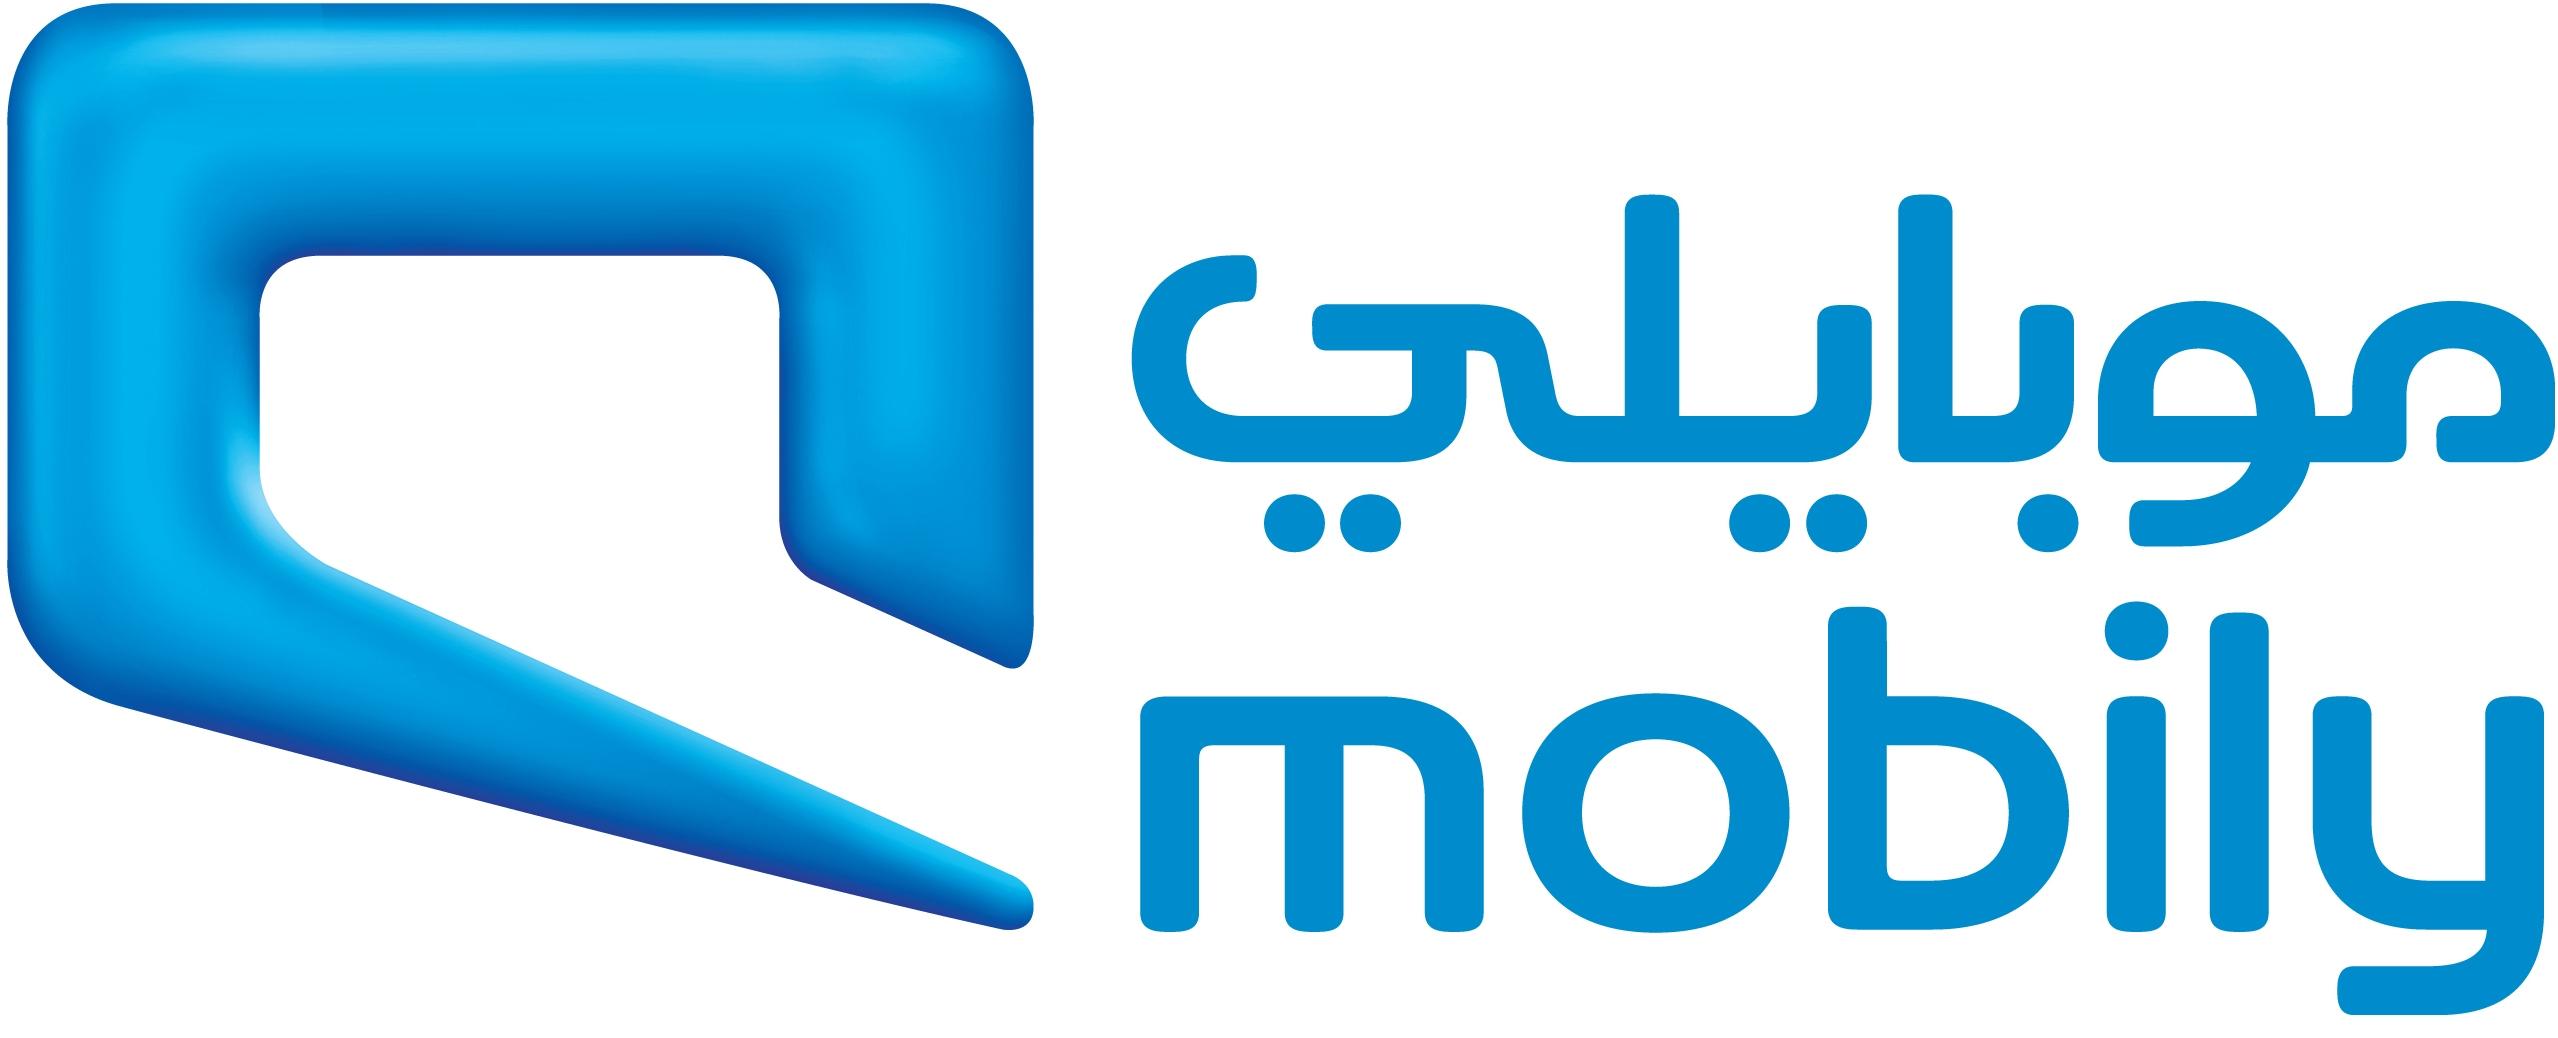 بالصور طريقة ارسال رصيد موبايلي mobily1.jpg